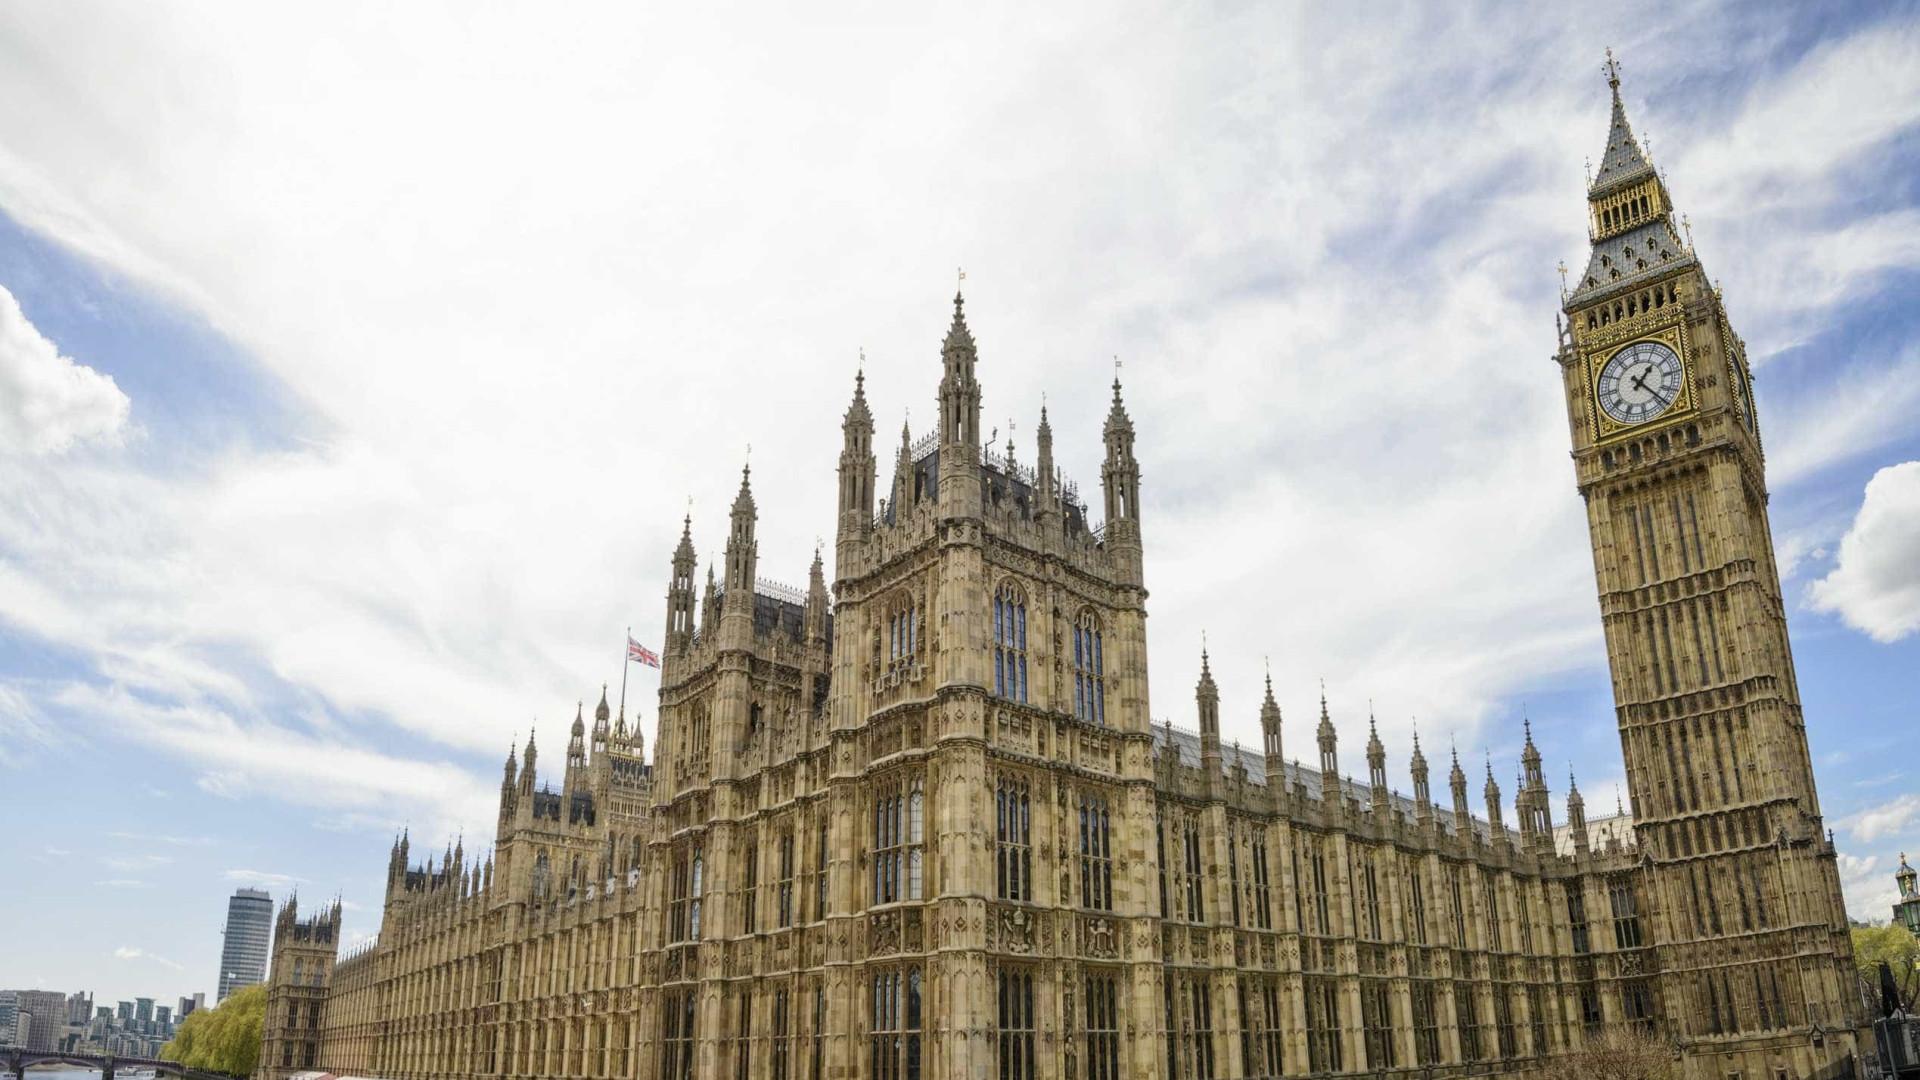 """""""Pacote suspeito"""" encontrado em Westminster não era perigoso"""